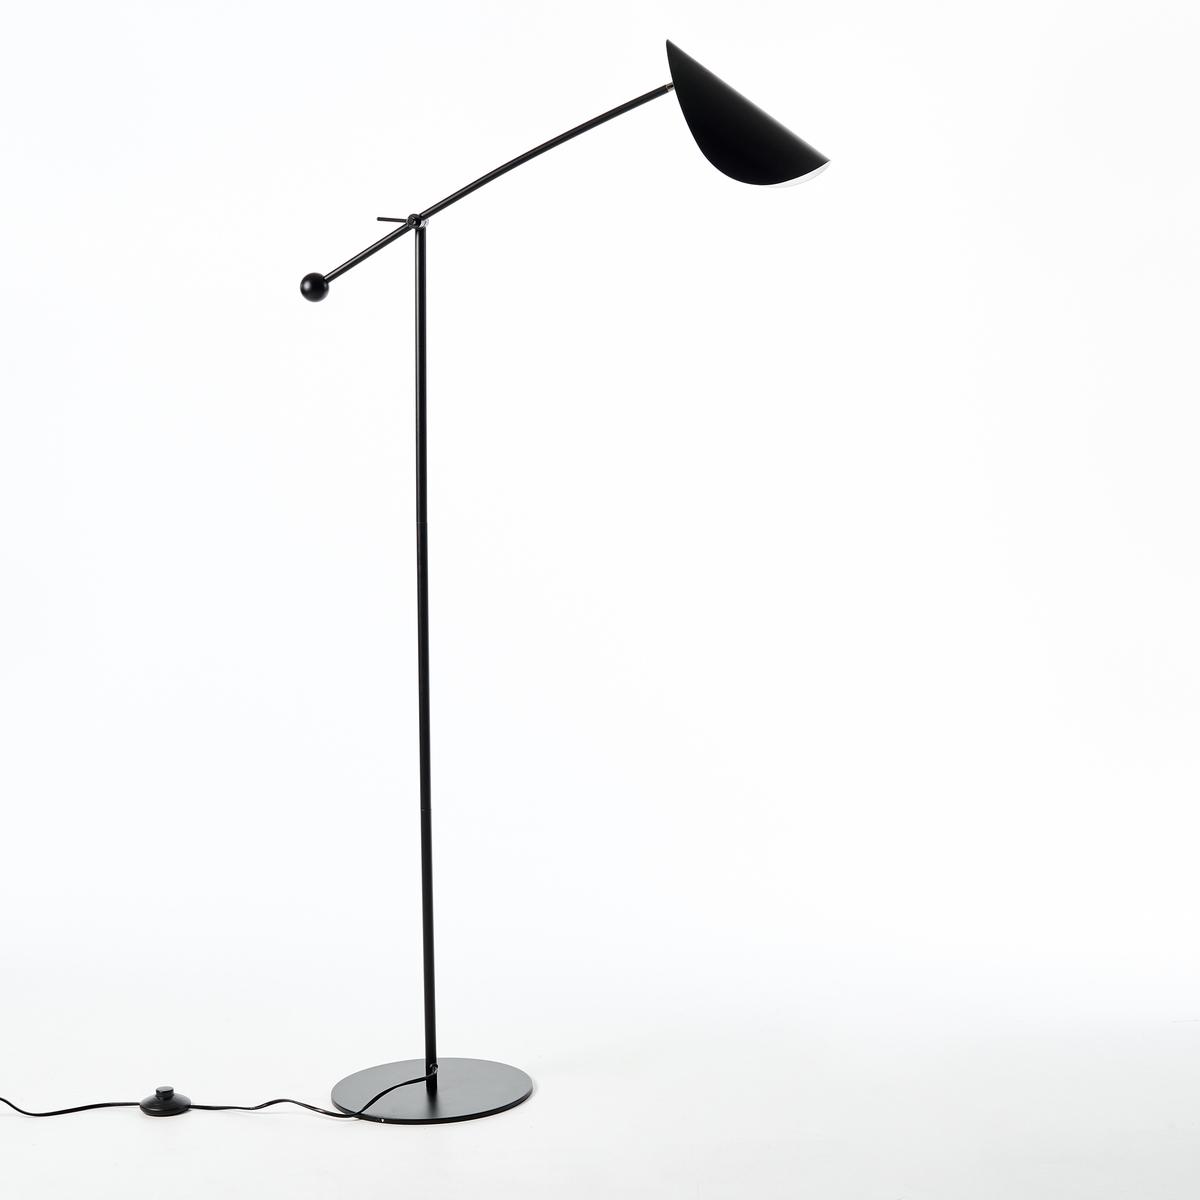 Напольная лампа FunambuleНапольная лампа Funambule. Тонкая и воздушная форма, вдохновленная движущимися объектами и природой, поворачивающийся абажур в форме листа. Напольная лампа для направленного освещения, идеально подходит для чтения.Характеристики :Из металла с матовым эпоксидным покрытием- Цоколь E14 для флуоресцентных ламп макс. 8 Вт (продаются отдельно)- Совместима с лампами класса энергопотребления A Размеры :- 77 x 123 см- Основание ?28 см<br><br>Цвет: черный